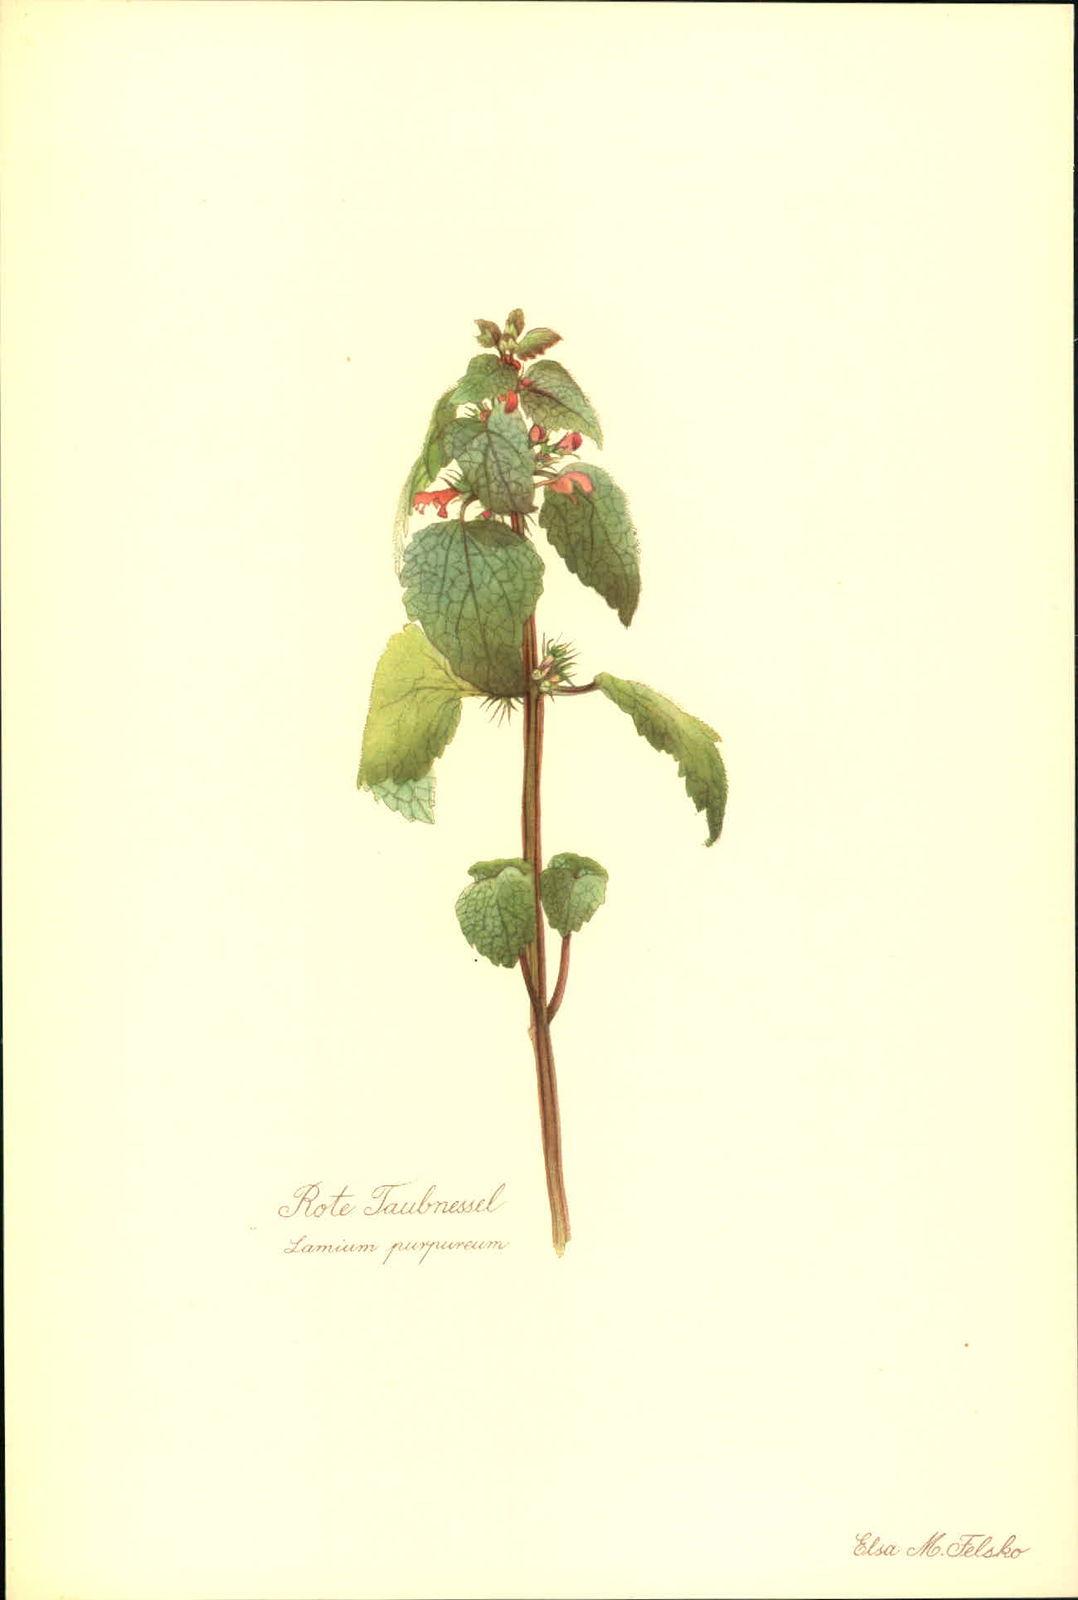 Rote Taubnessel (Lamium purpureum). Kunstdruck nach Aquarell von Elsa M. Felsko.